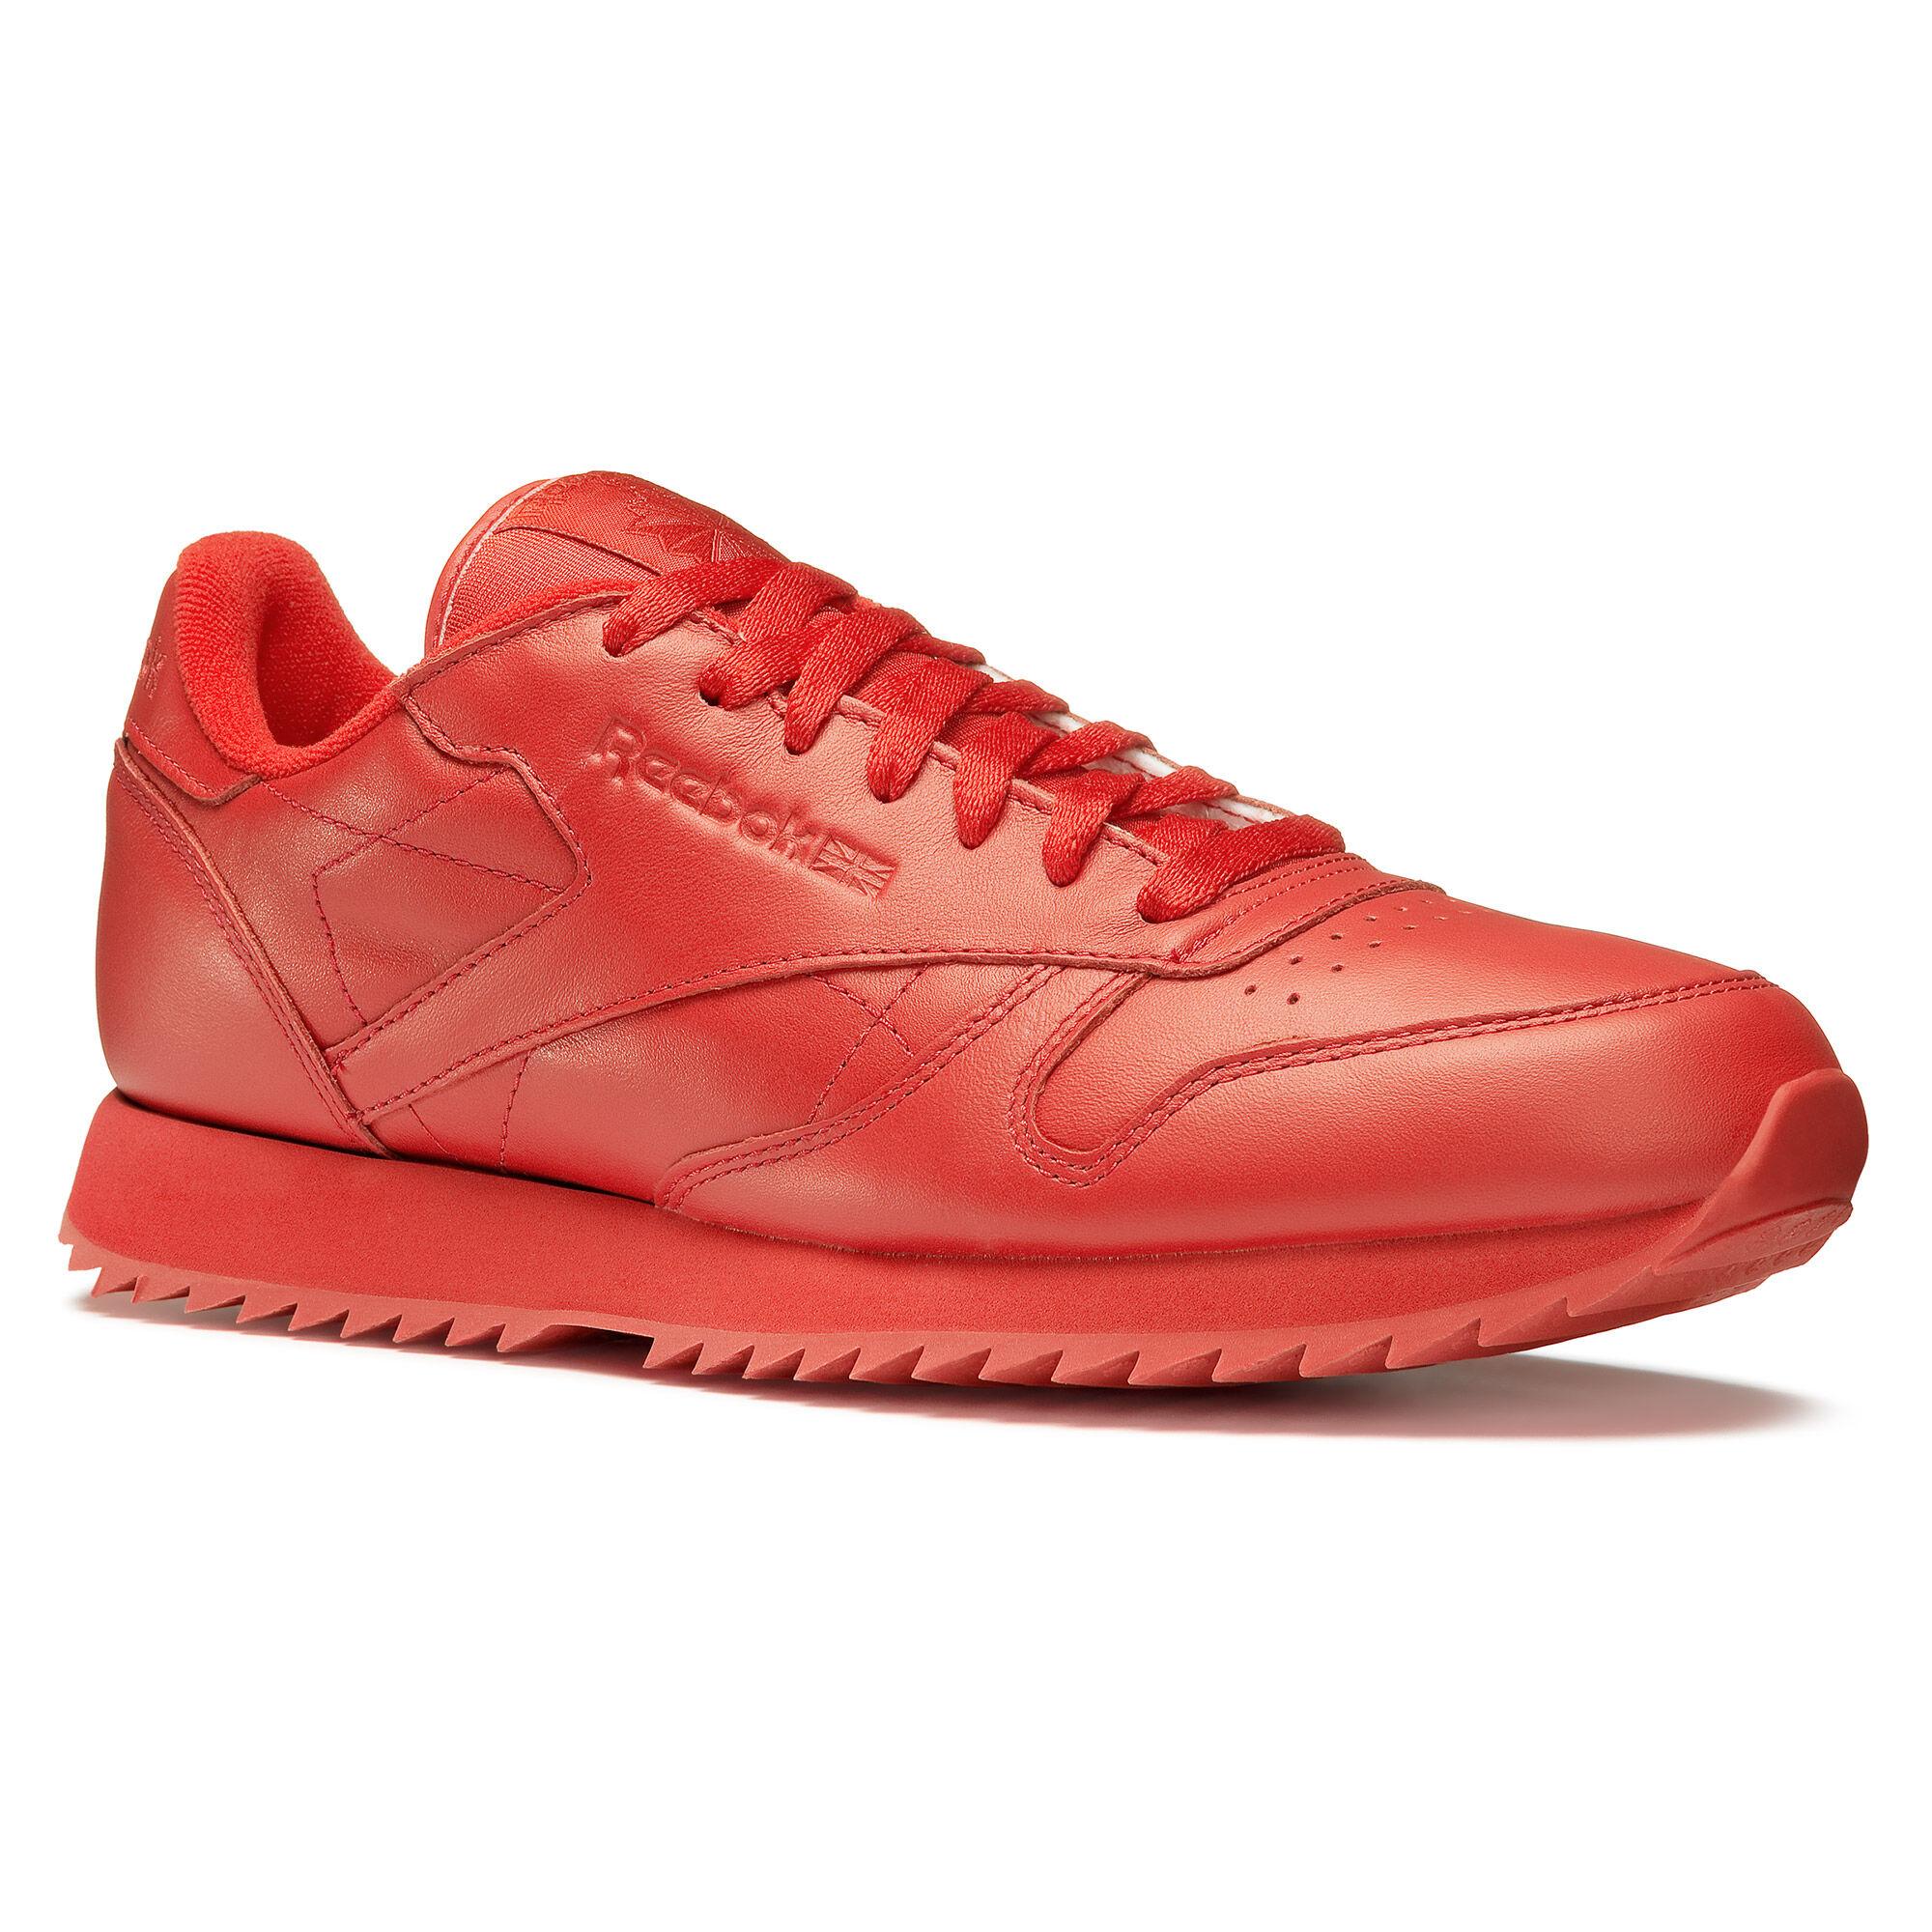 best service b96d1 92e32 Outlet Outlet Reebok - Cl Leather Ripple Mono Scarlet AR2349 ... Men s Shoes  ...